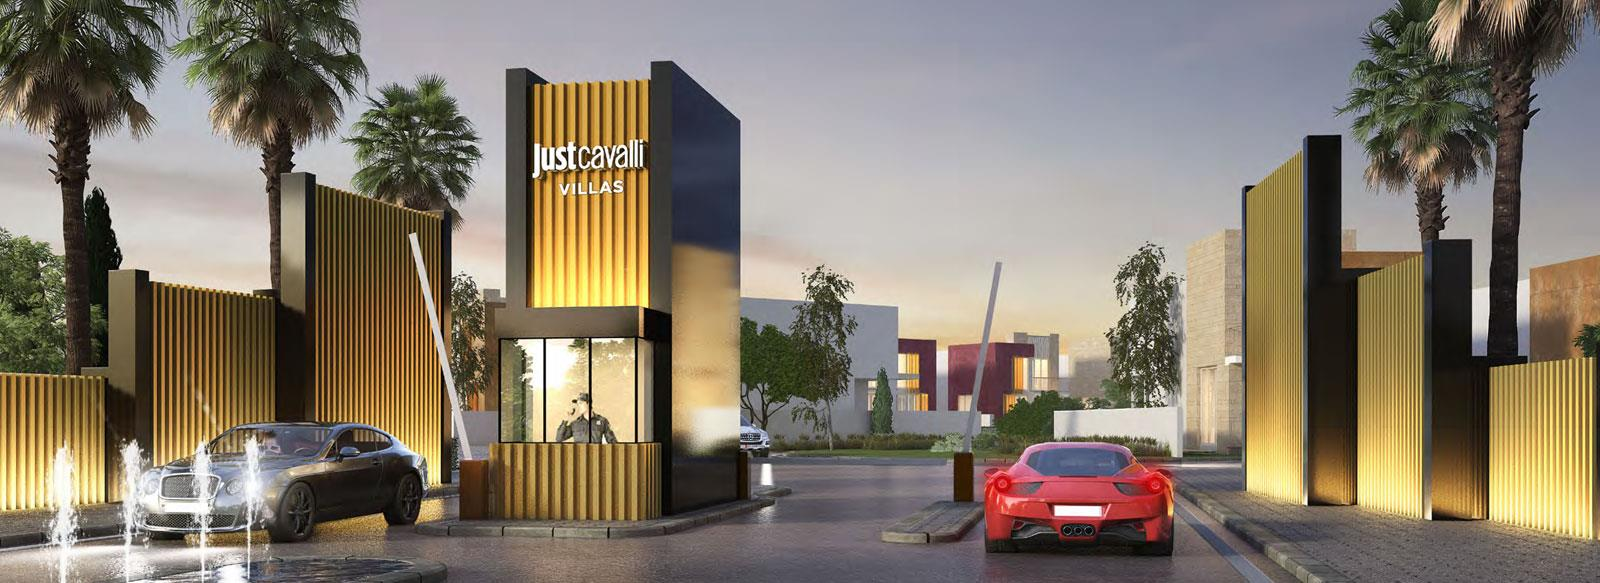 <div>Luxury 3 Bedroom Villas,&nbsp;</div><div>Starting From AED 1.35 Million&nbsp;</div>